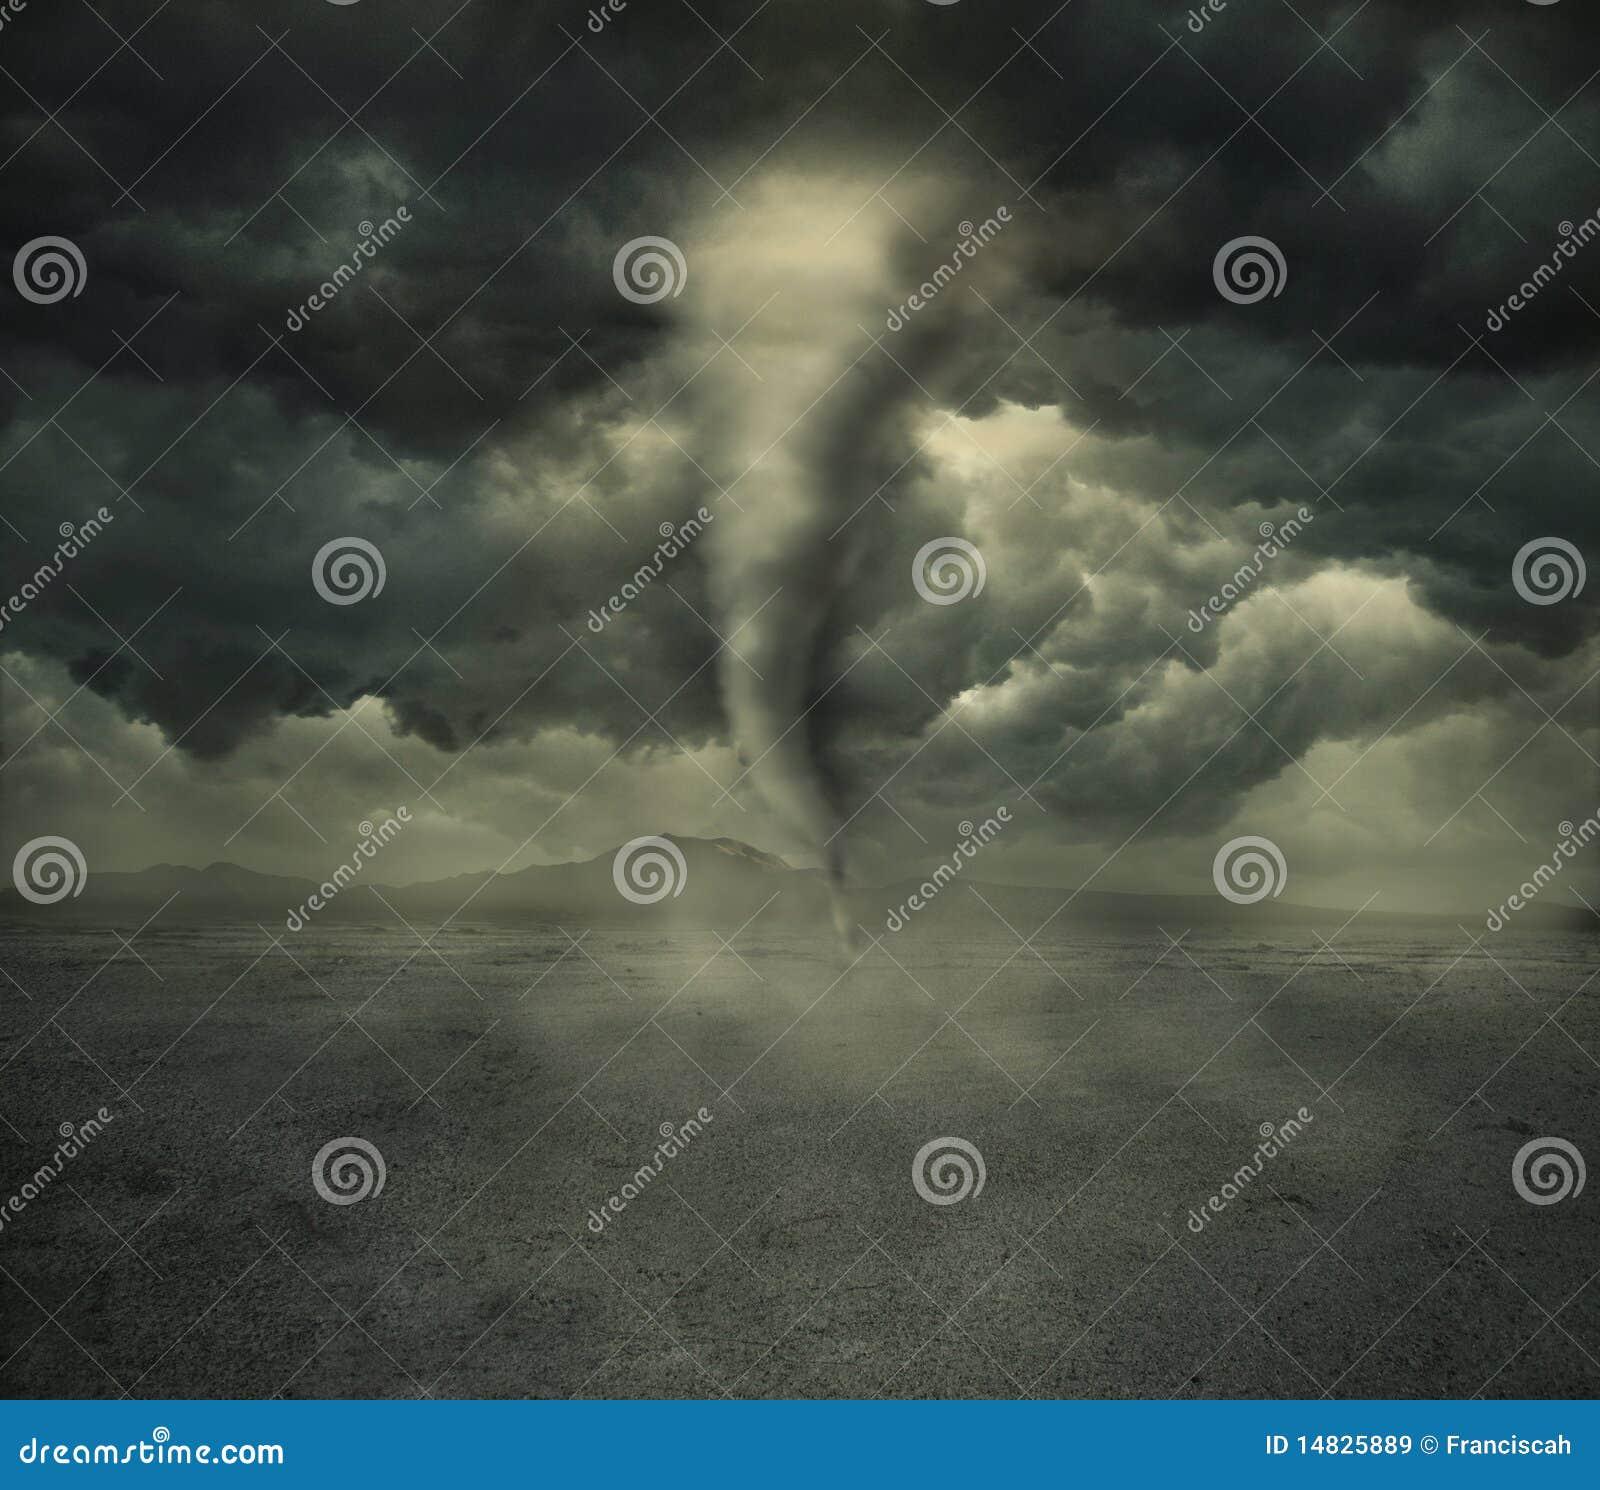 Hurrikan in der Wüste